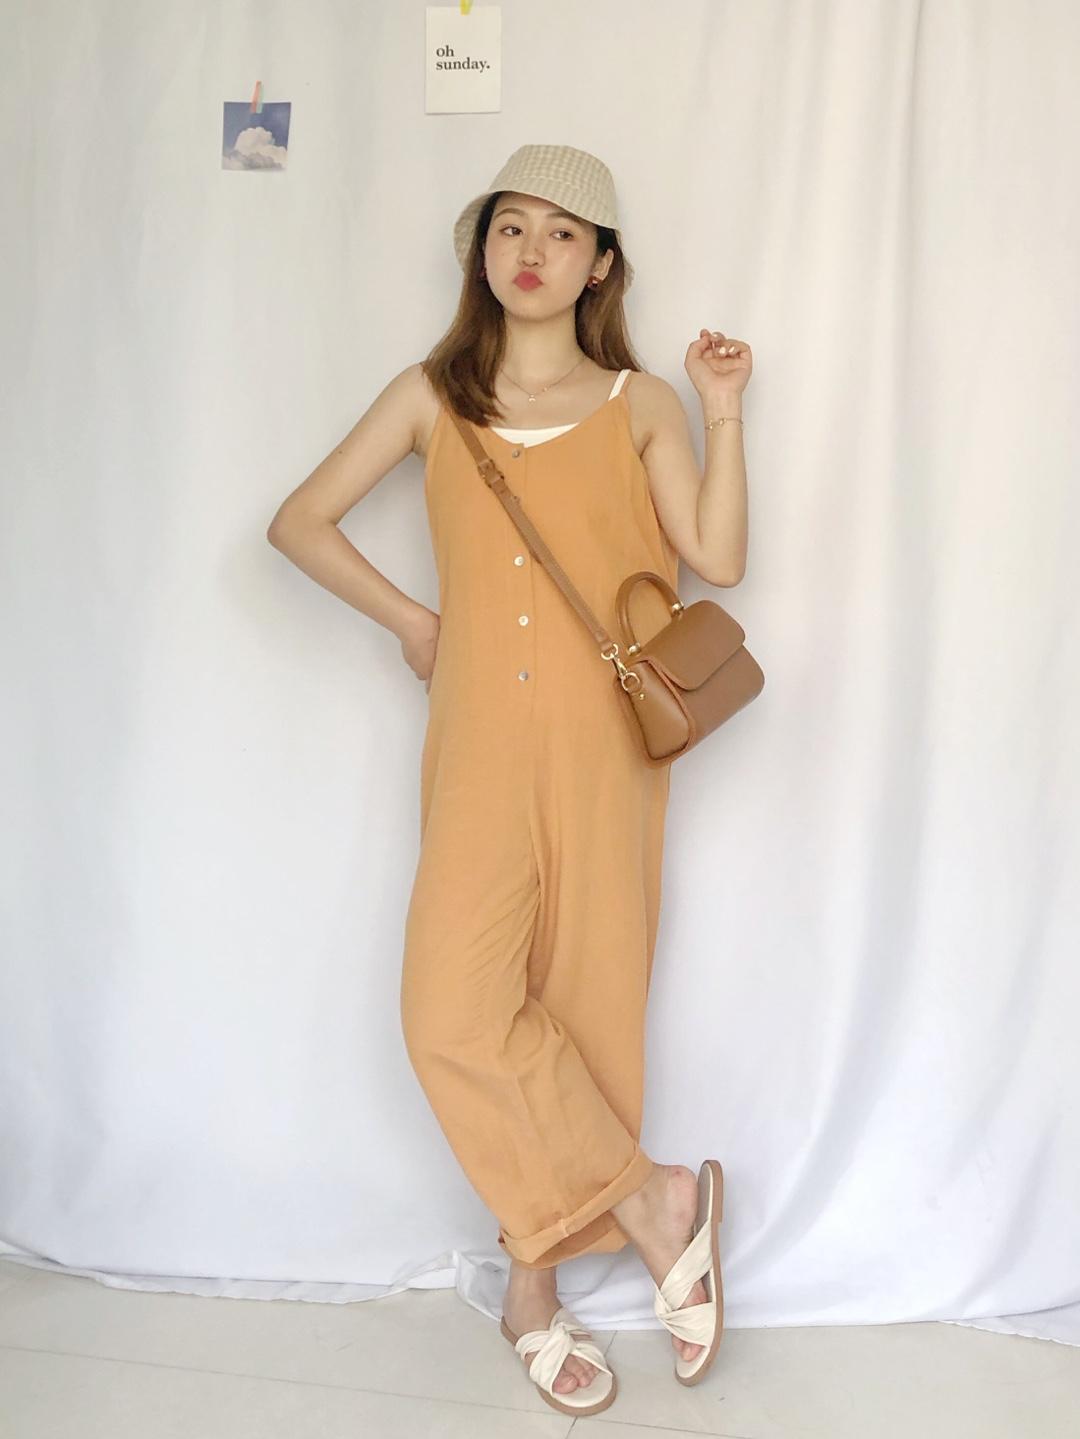 #矮妹显高套装,不盘不行!# 橙色连体裤➕白色吊带背心 很有活力的减龄感穿搭 橙色超元气 搭配同色系包包和帽子 是元气小姐姐本人了~